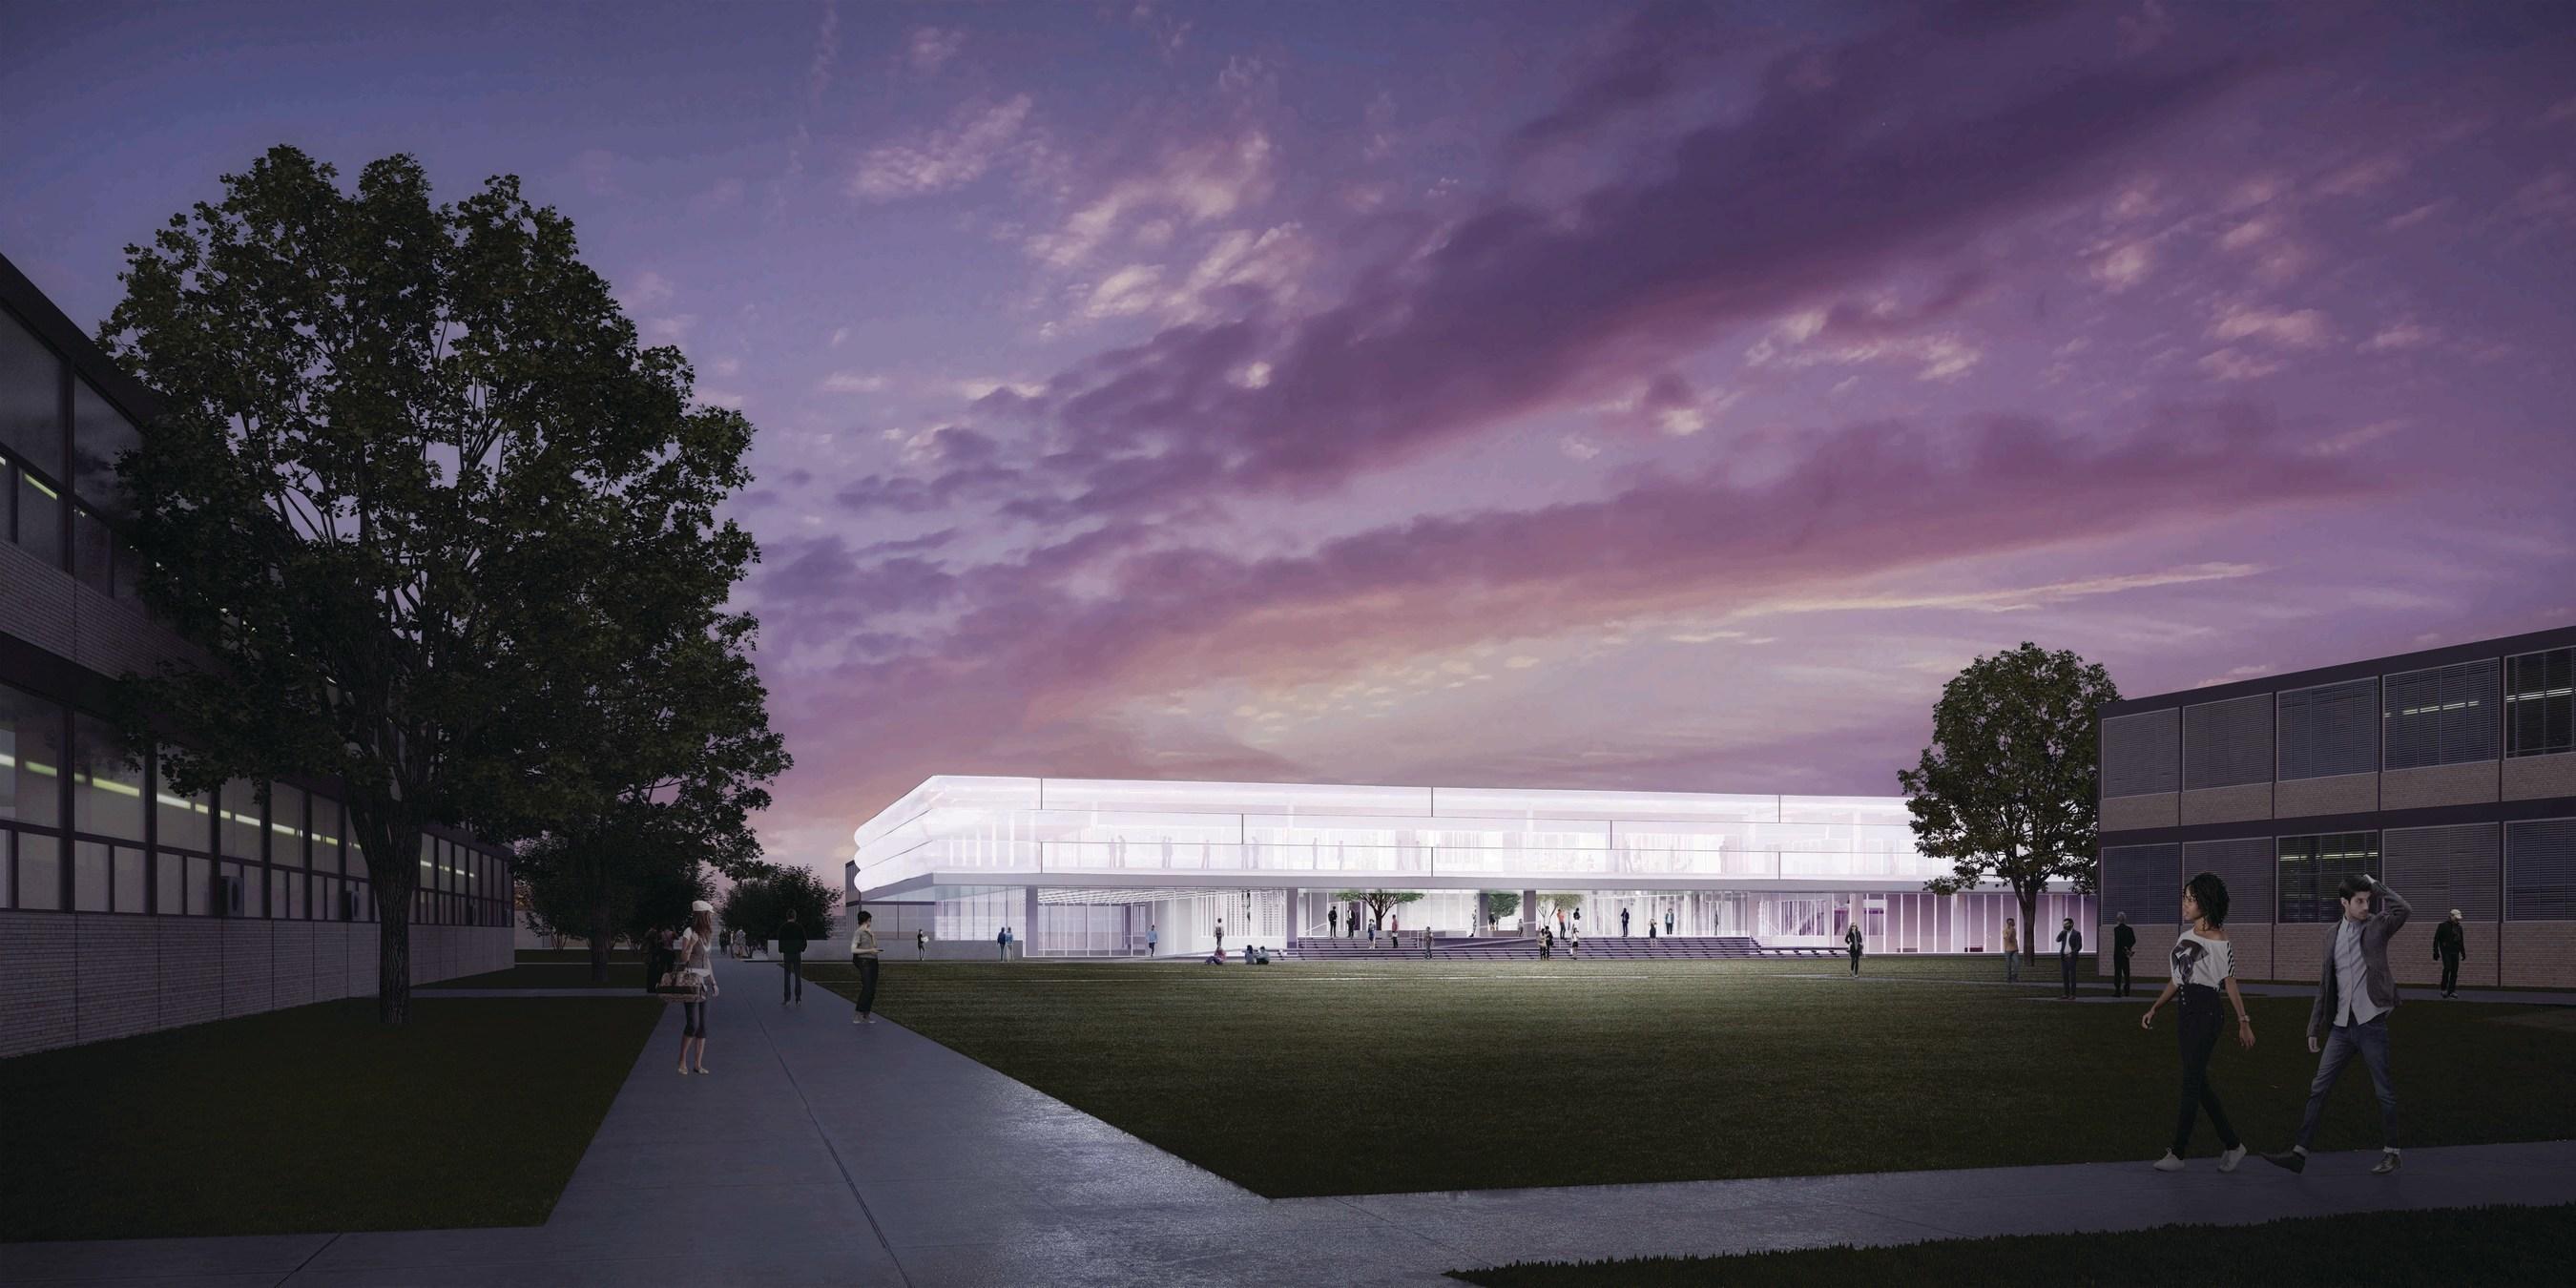 Ed Kaplan Family Institute for Innovation and Tech Entrepreneurship at Illinois Tech